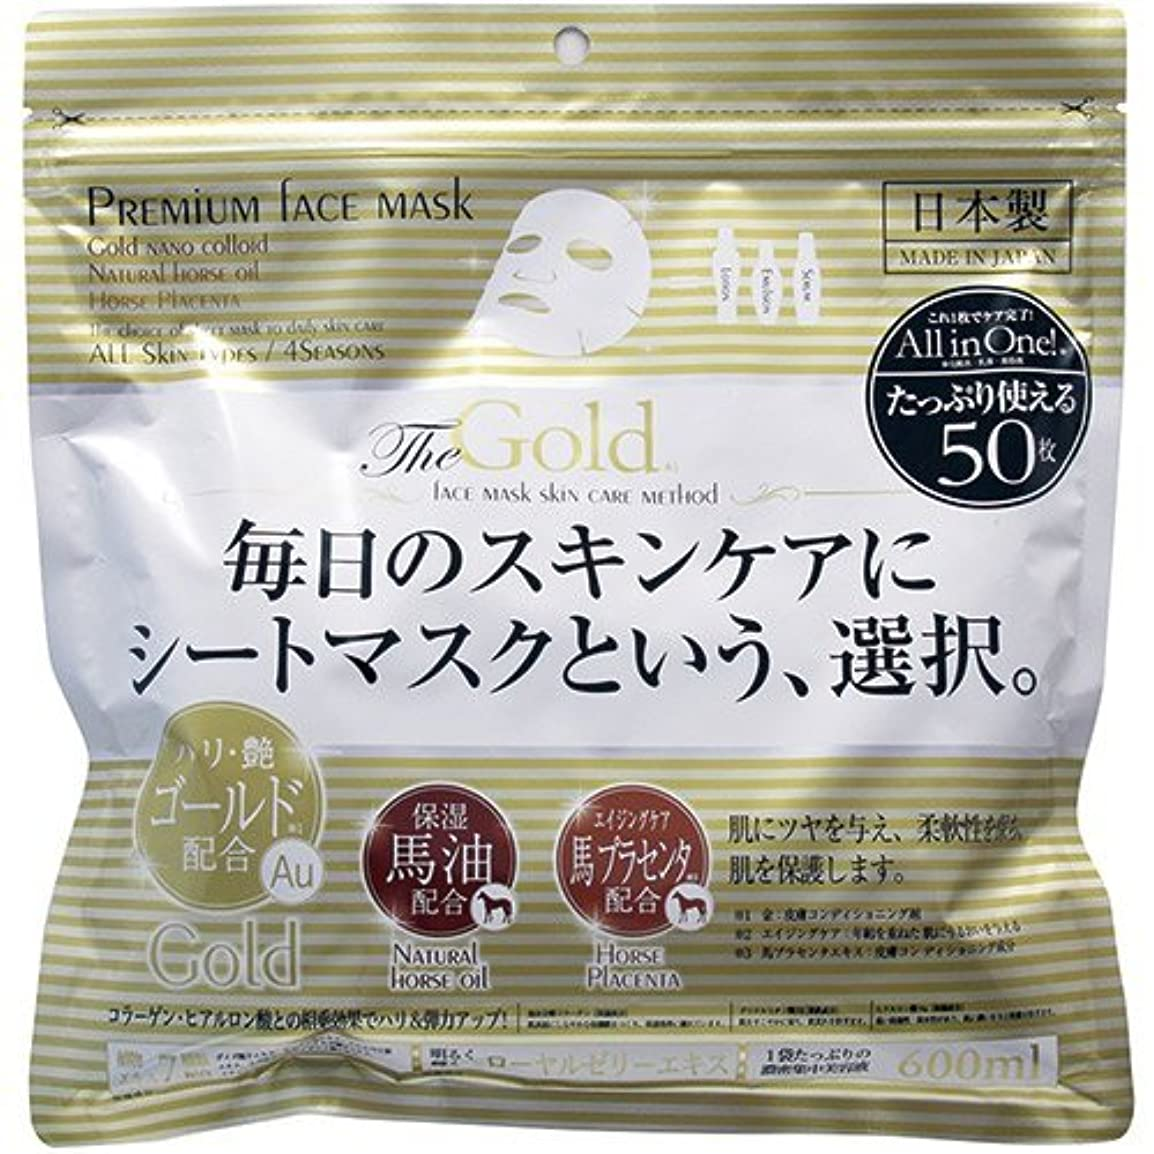 ケーブルカー強制的移行【進製作所】プレミアムフェイスマスク ゴールド 50枚 ×10個セット